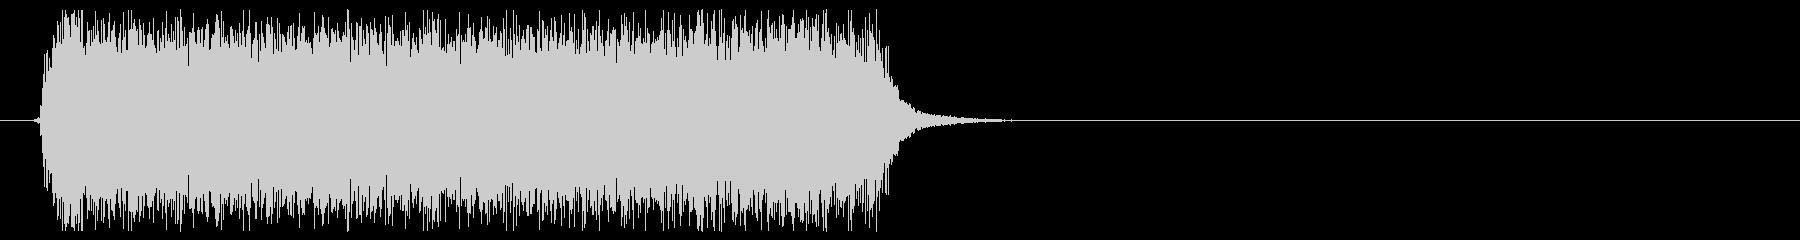 「ヴァ゙ァ゙ァ゙ー」モンスター叫び声/5の未再生の波形